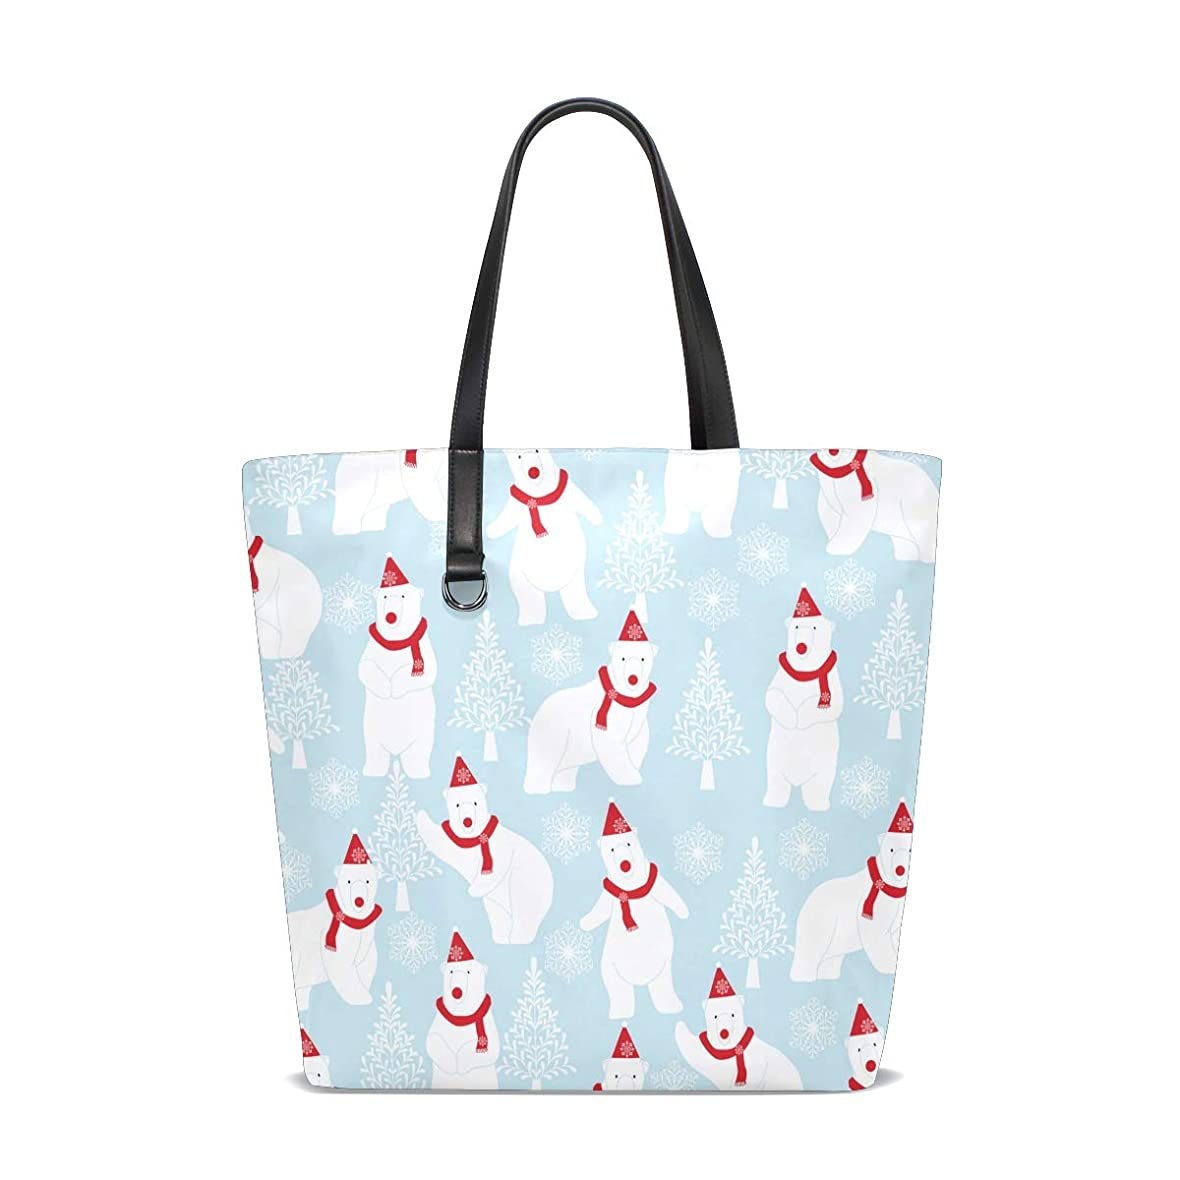 前方へ未来微視的トートバッグ かばん ポリエステル+レザー 白色 シロクマ柄 クリスマス 両面使える 大容量 通勤通学 メンズ レディース